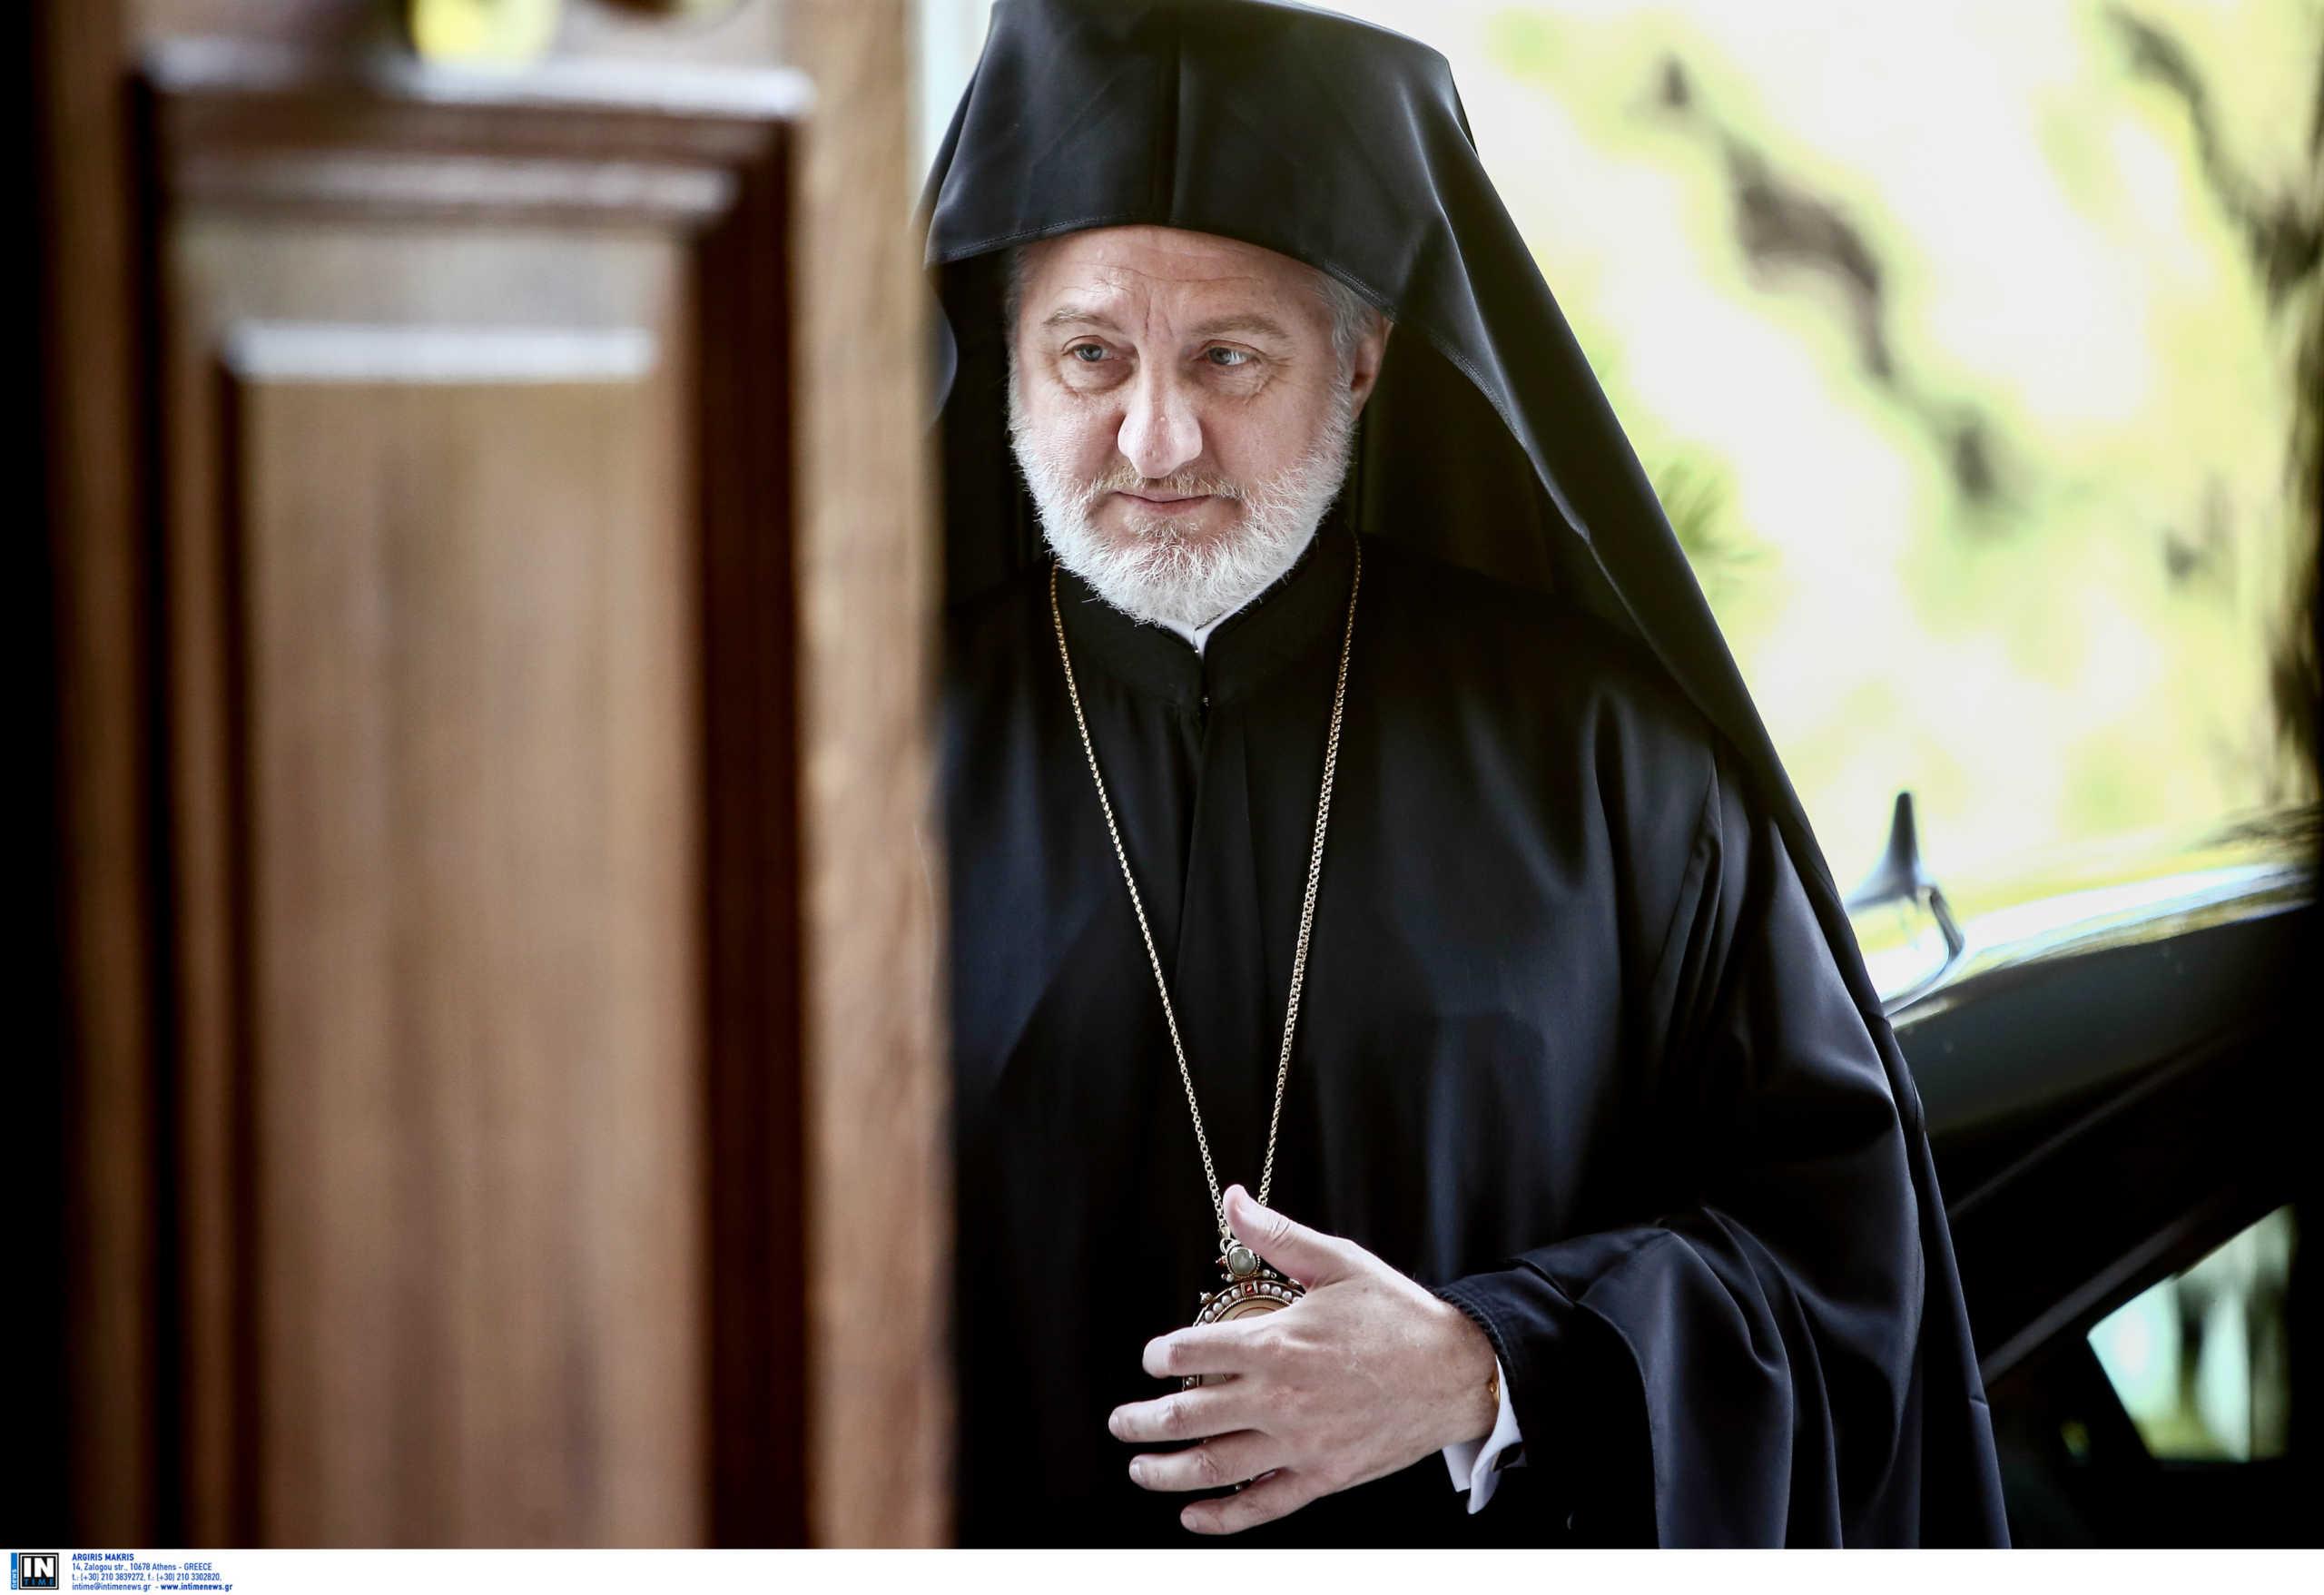 Στο πλευρό του Αρχιεπισκόπου Ελπιδοφόρου η Οικουμενική Ομοσπονδία Κωνσταντινουπολιτών